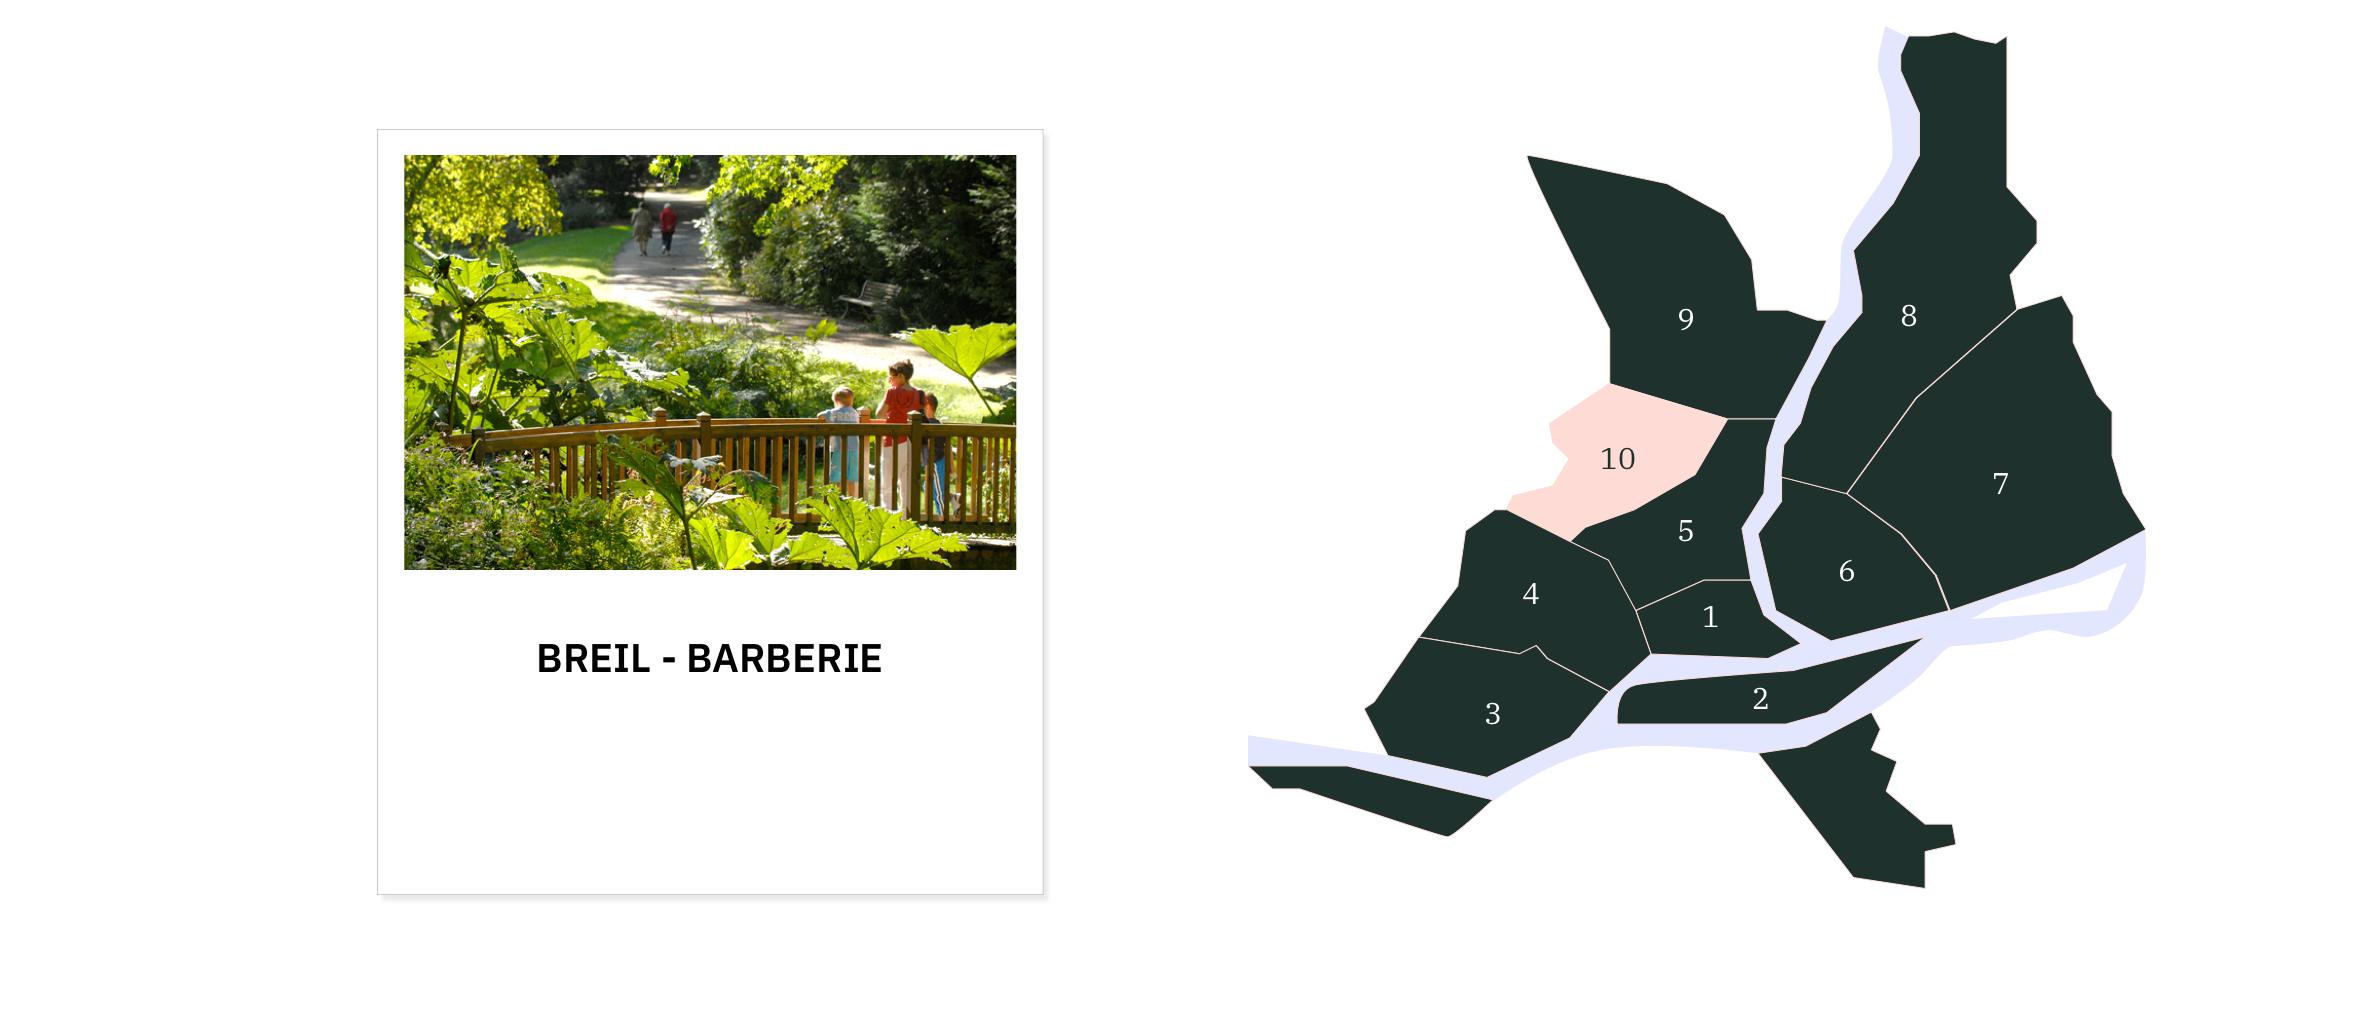 Breil Barberie ⎜Carte des quartiers de Nantes